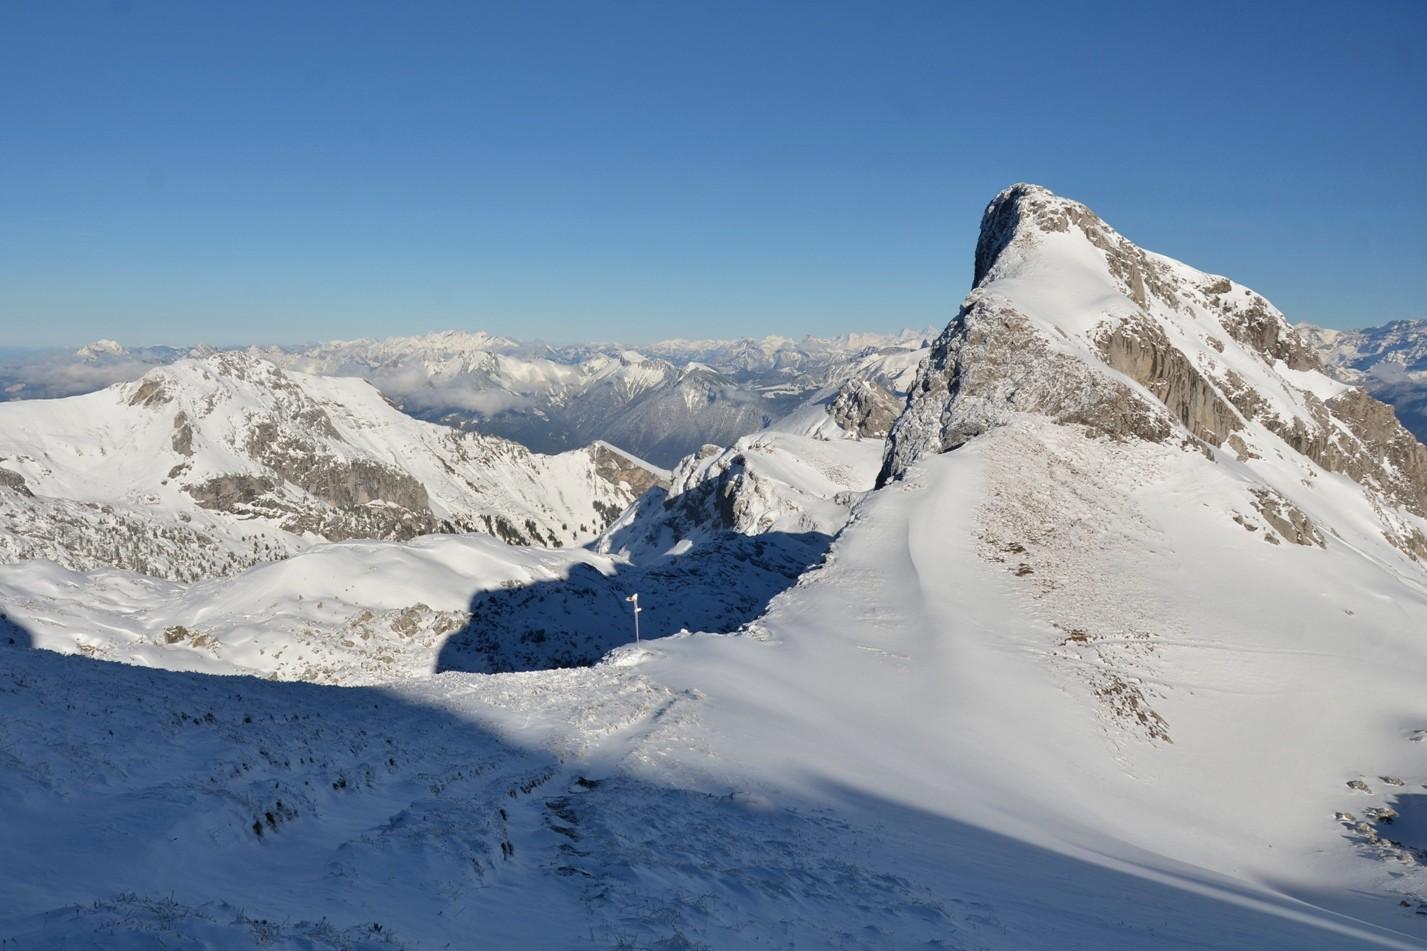 col sans nom 2250m, rochers de Chaudin, au fond Grande Jumelle 2215m et Grammont 2172m